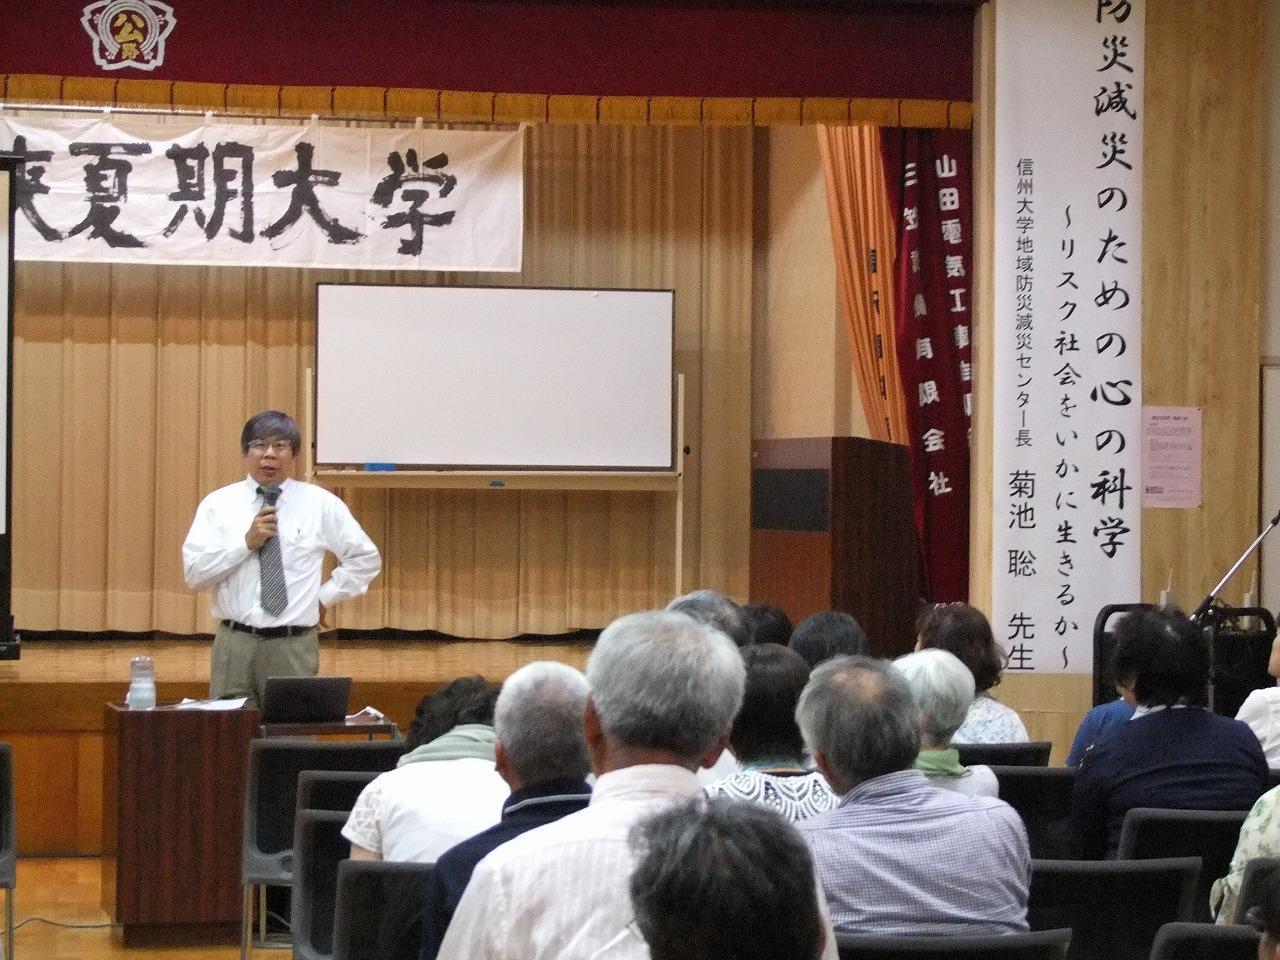 【活動報告】天龍峡夏期大学 防災講演